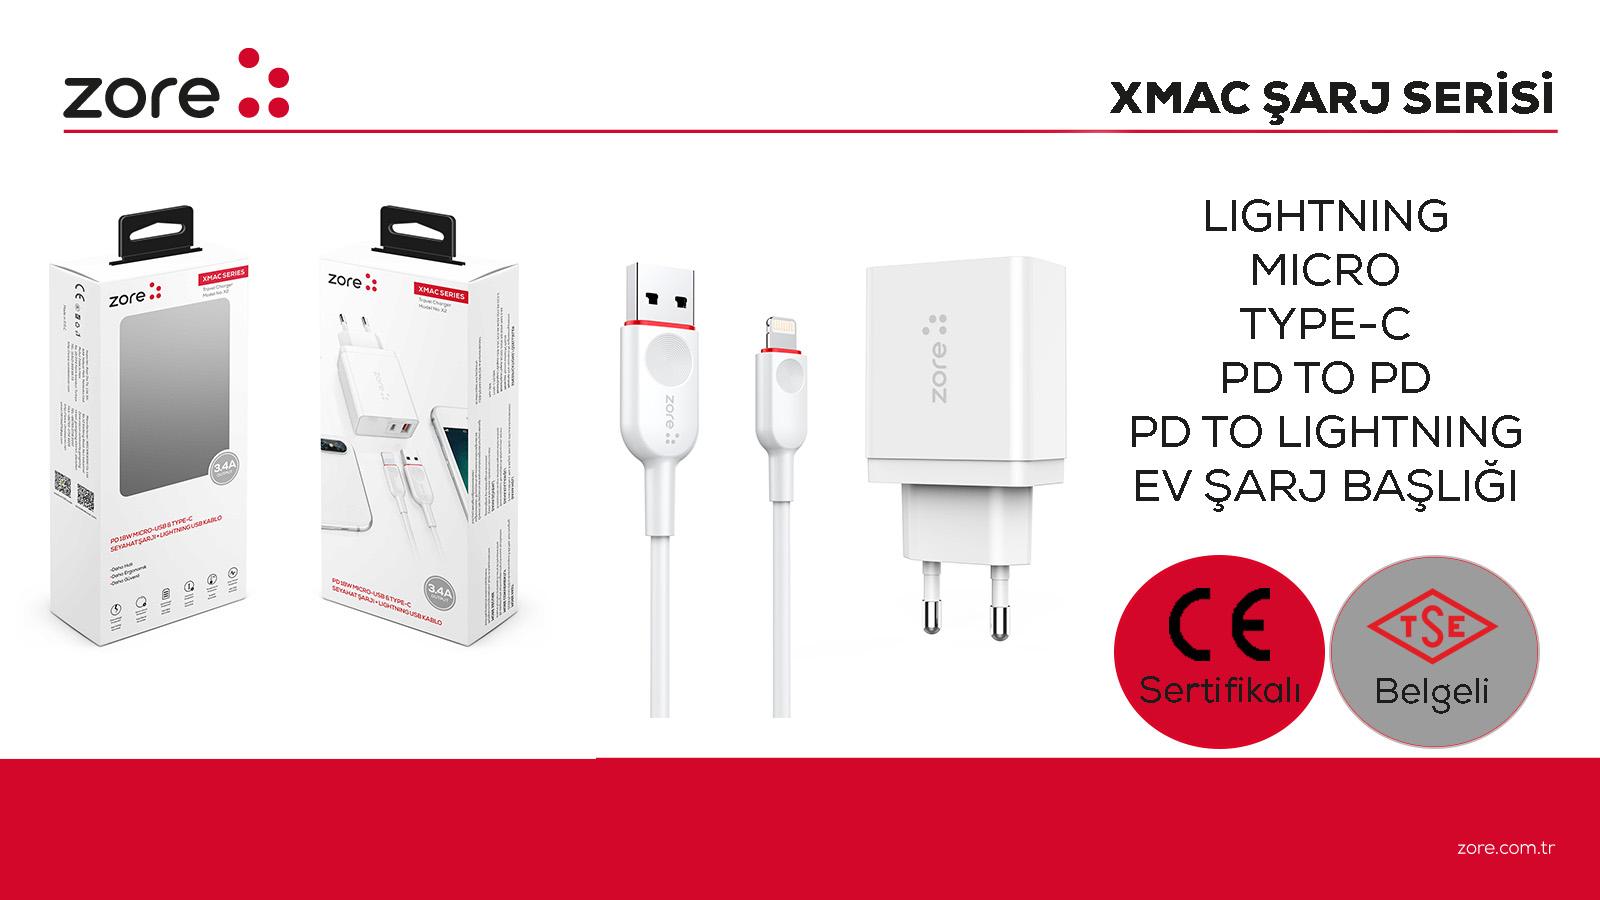 XMAC SERİSİ.jpg (199 KB)